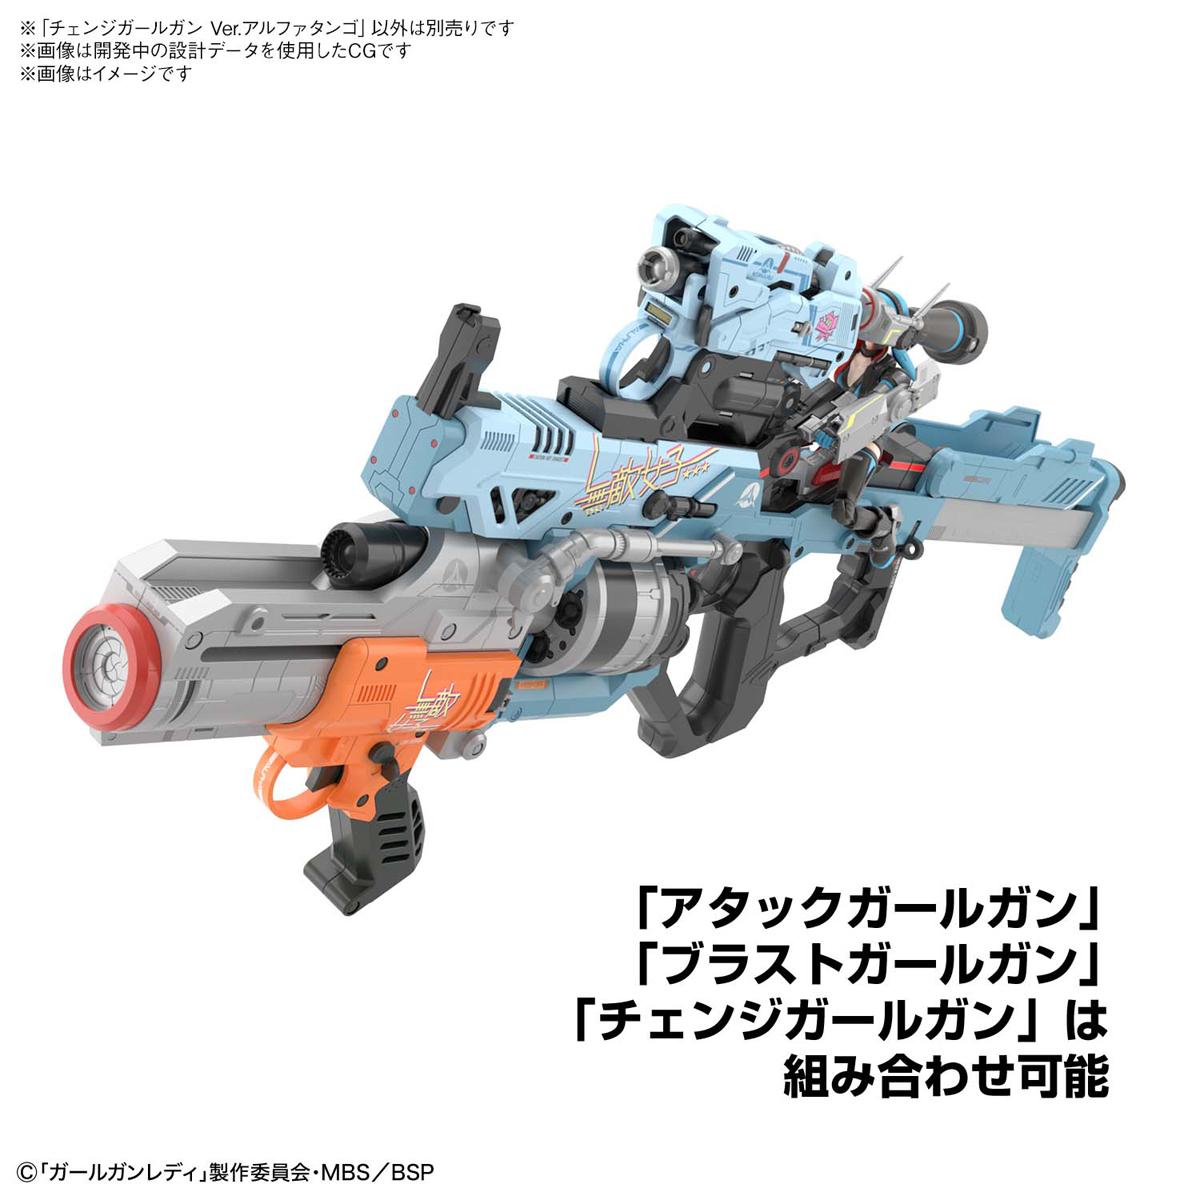 ガールガンレディ『ブラストガールガン Ver.アルファタンゴ』GGL 1/1 プラモデル-018